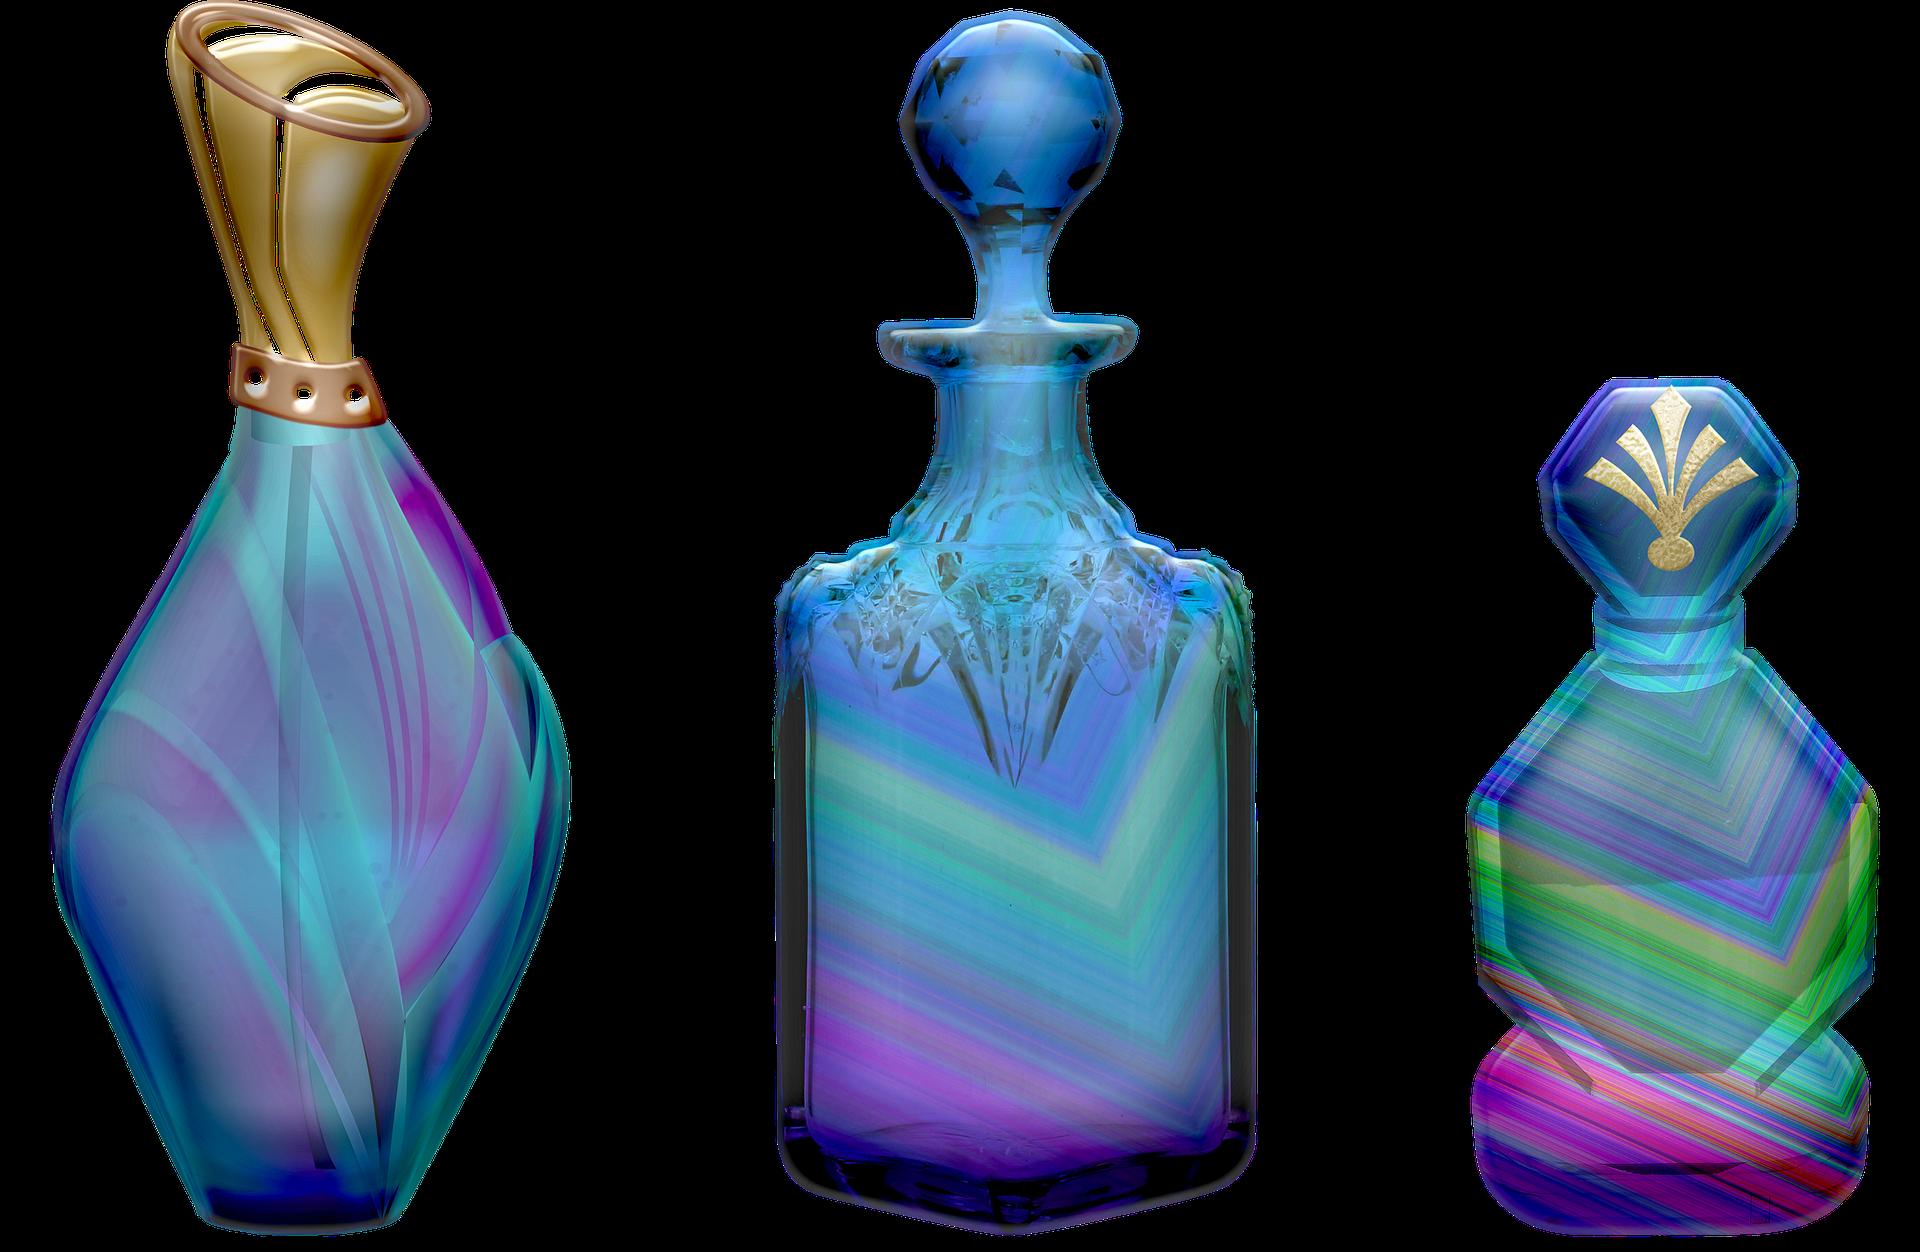 perfume-bottles-4812658_1920